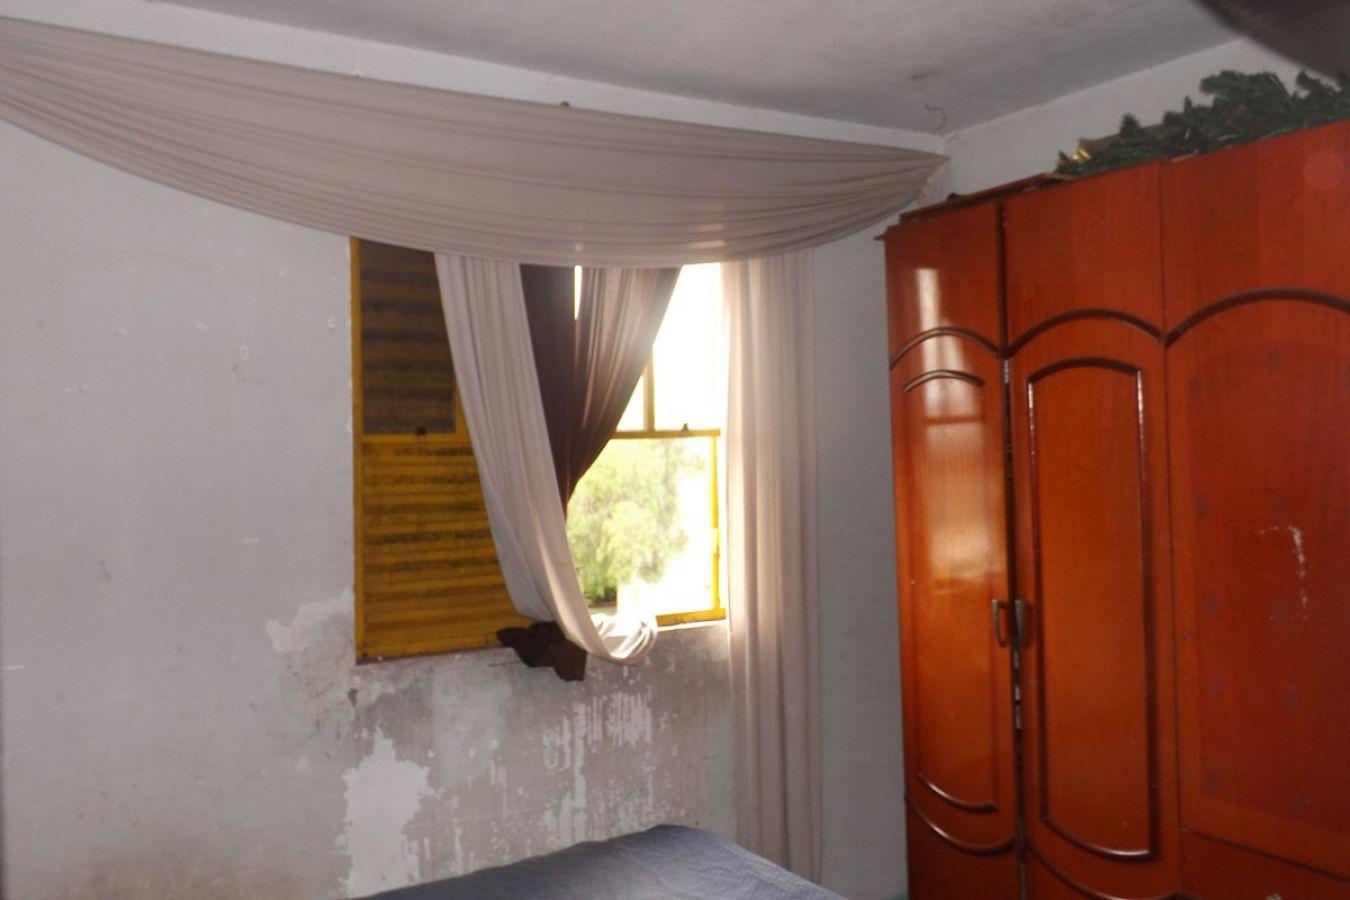 Venda                                                            - Apartamento                                                            - Conjunto Habitacional Roberto Romano                                                                - Santa Bárbara D'Oeste                                                                /SP